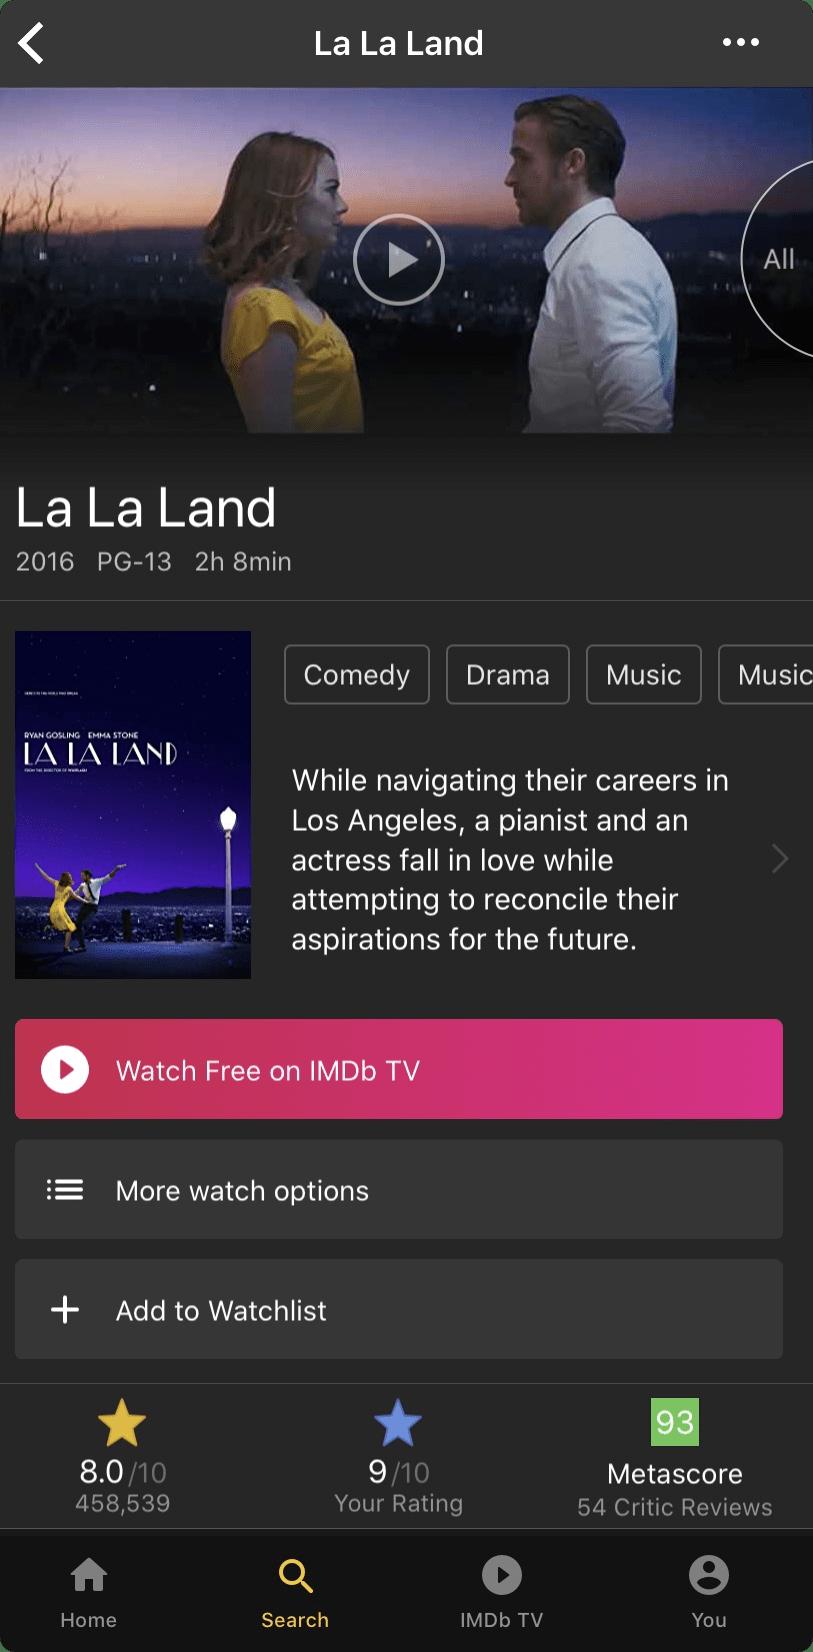 IMDb TV on mobile